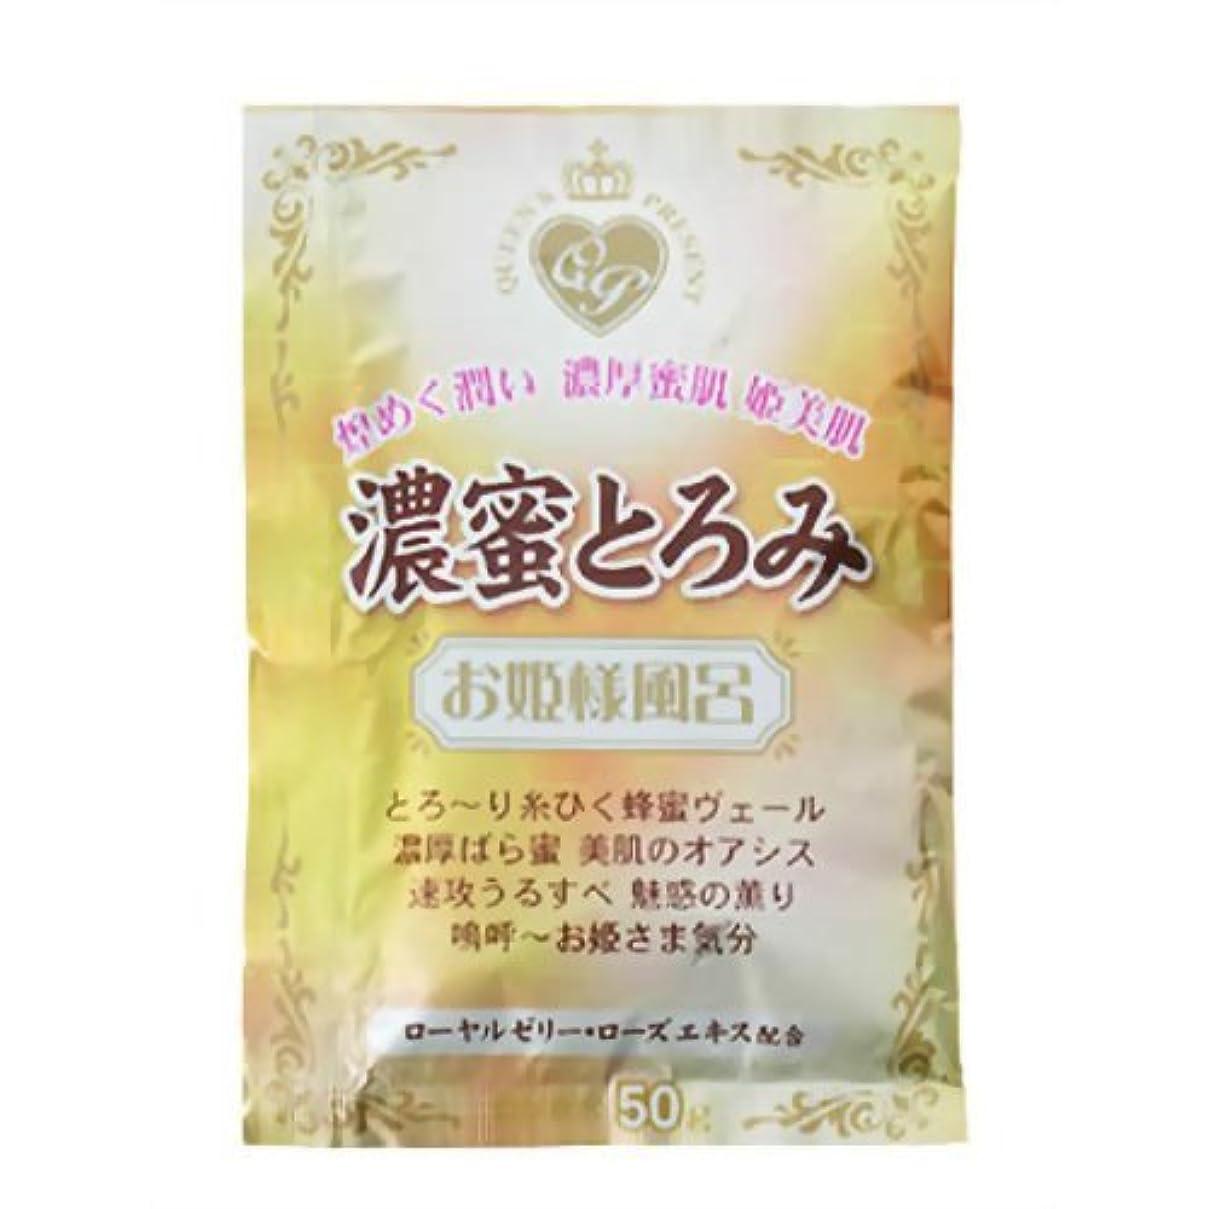 去る面積オート紀陽除虫菊 お姫様風呂  濃密とろみ【まとめ買い12個セット】 N-8173